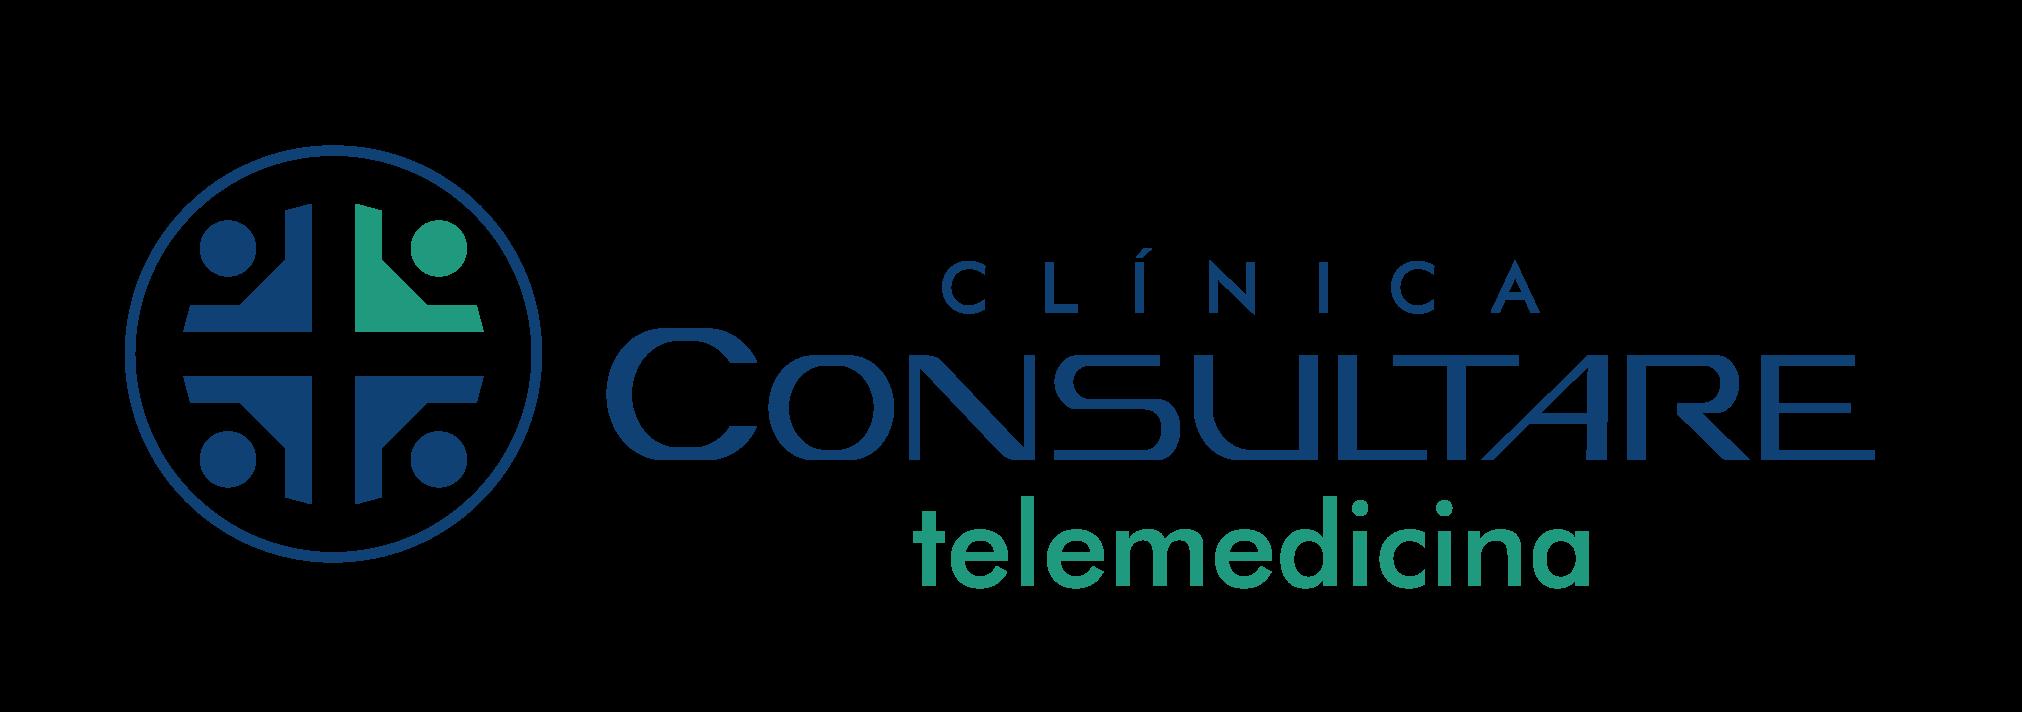 Clínica Consultare